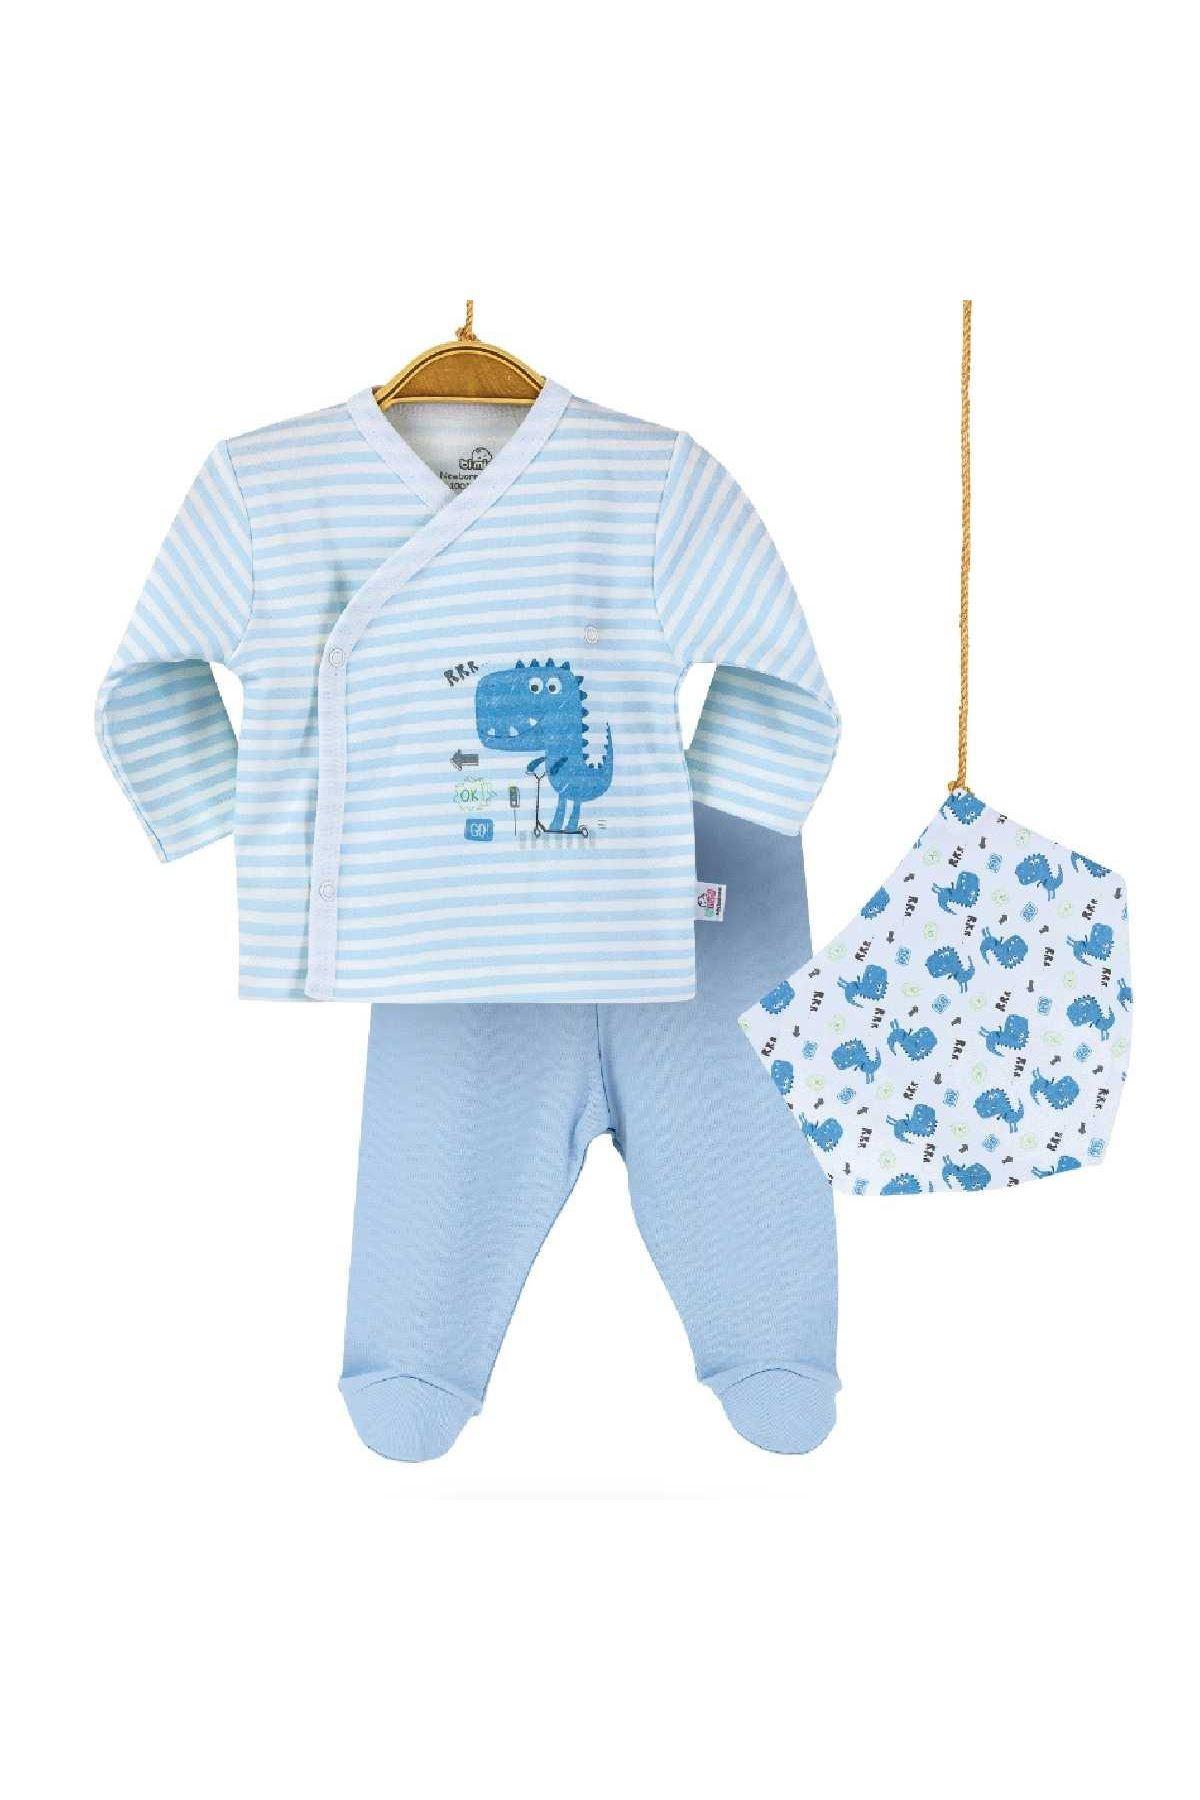 Bibaby Bimini Bluedino 3lü Zıbın Set 73201 Mavi Çizgili